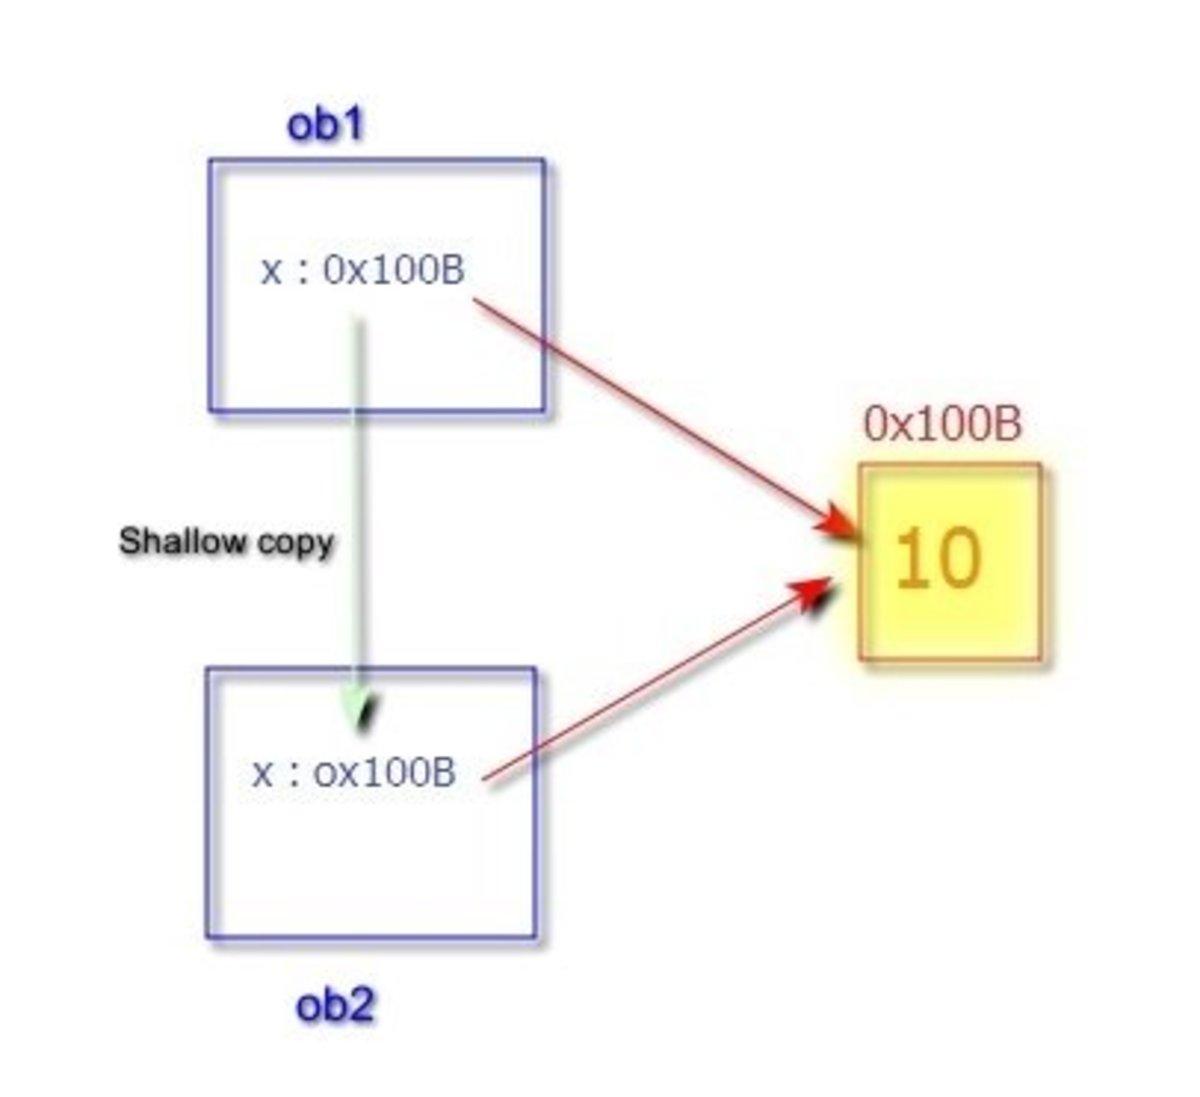 copy-constructor-shallow-copy-vs-deep-copy